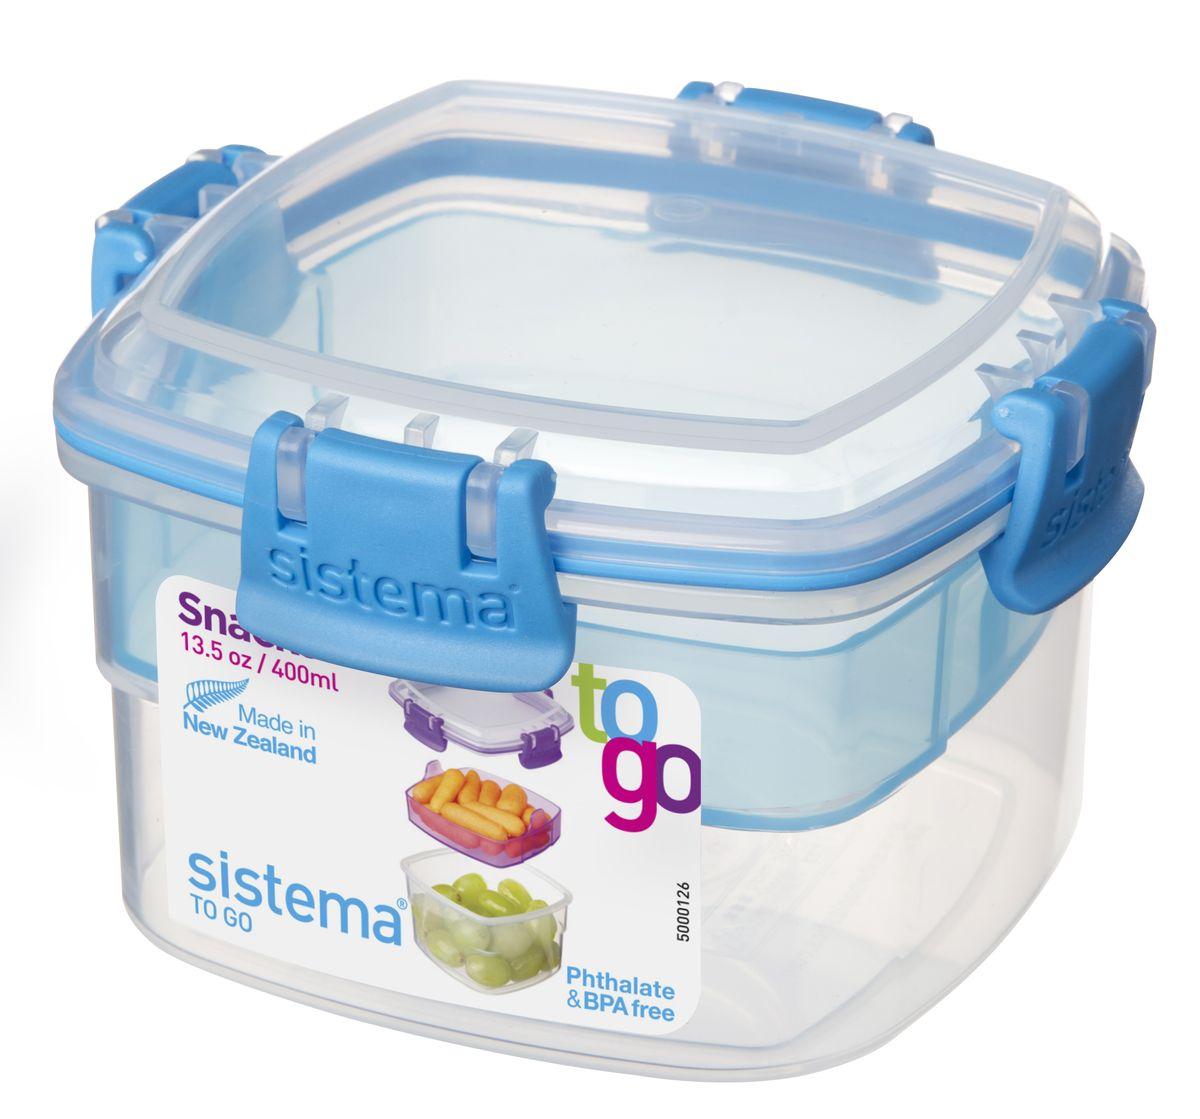 Контейнер пищевой Sistema To-Go, двухуровневый, цвет: прозрачный, голубой, 400 мл